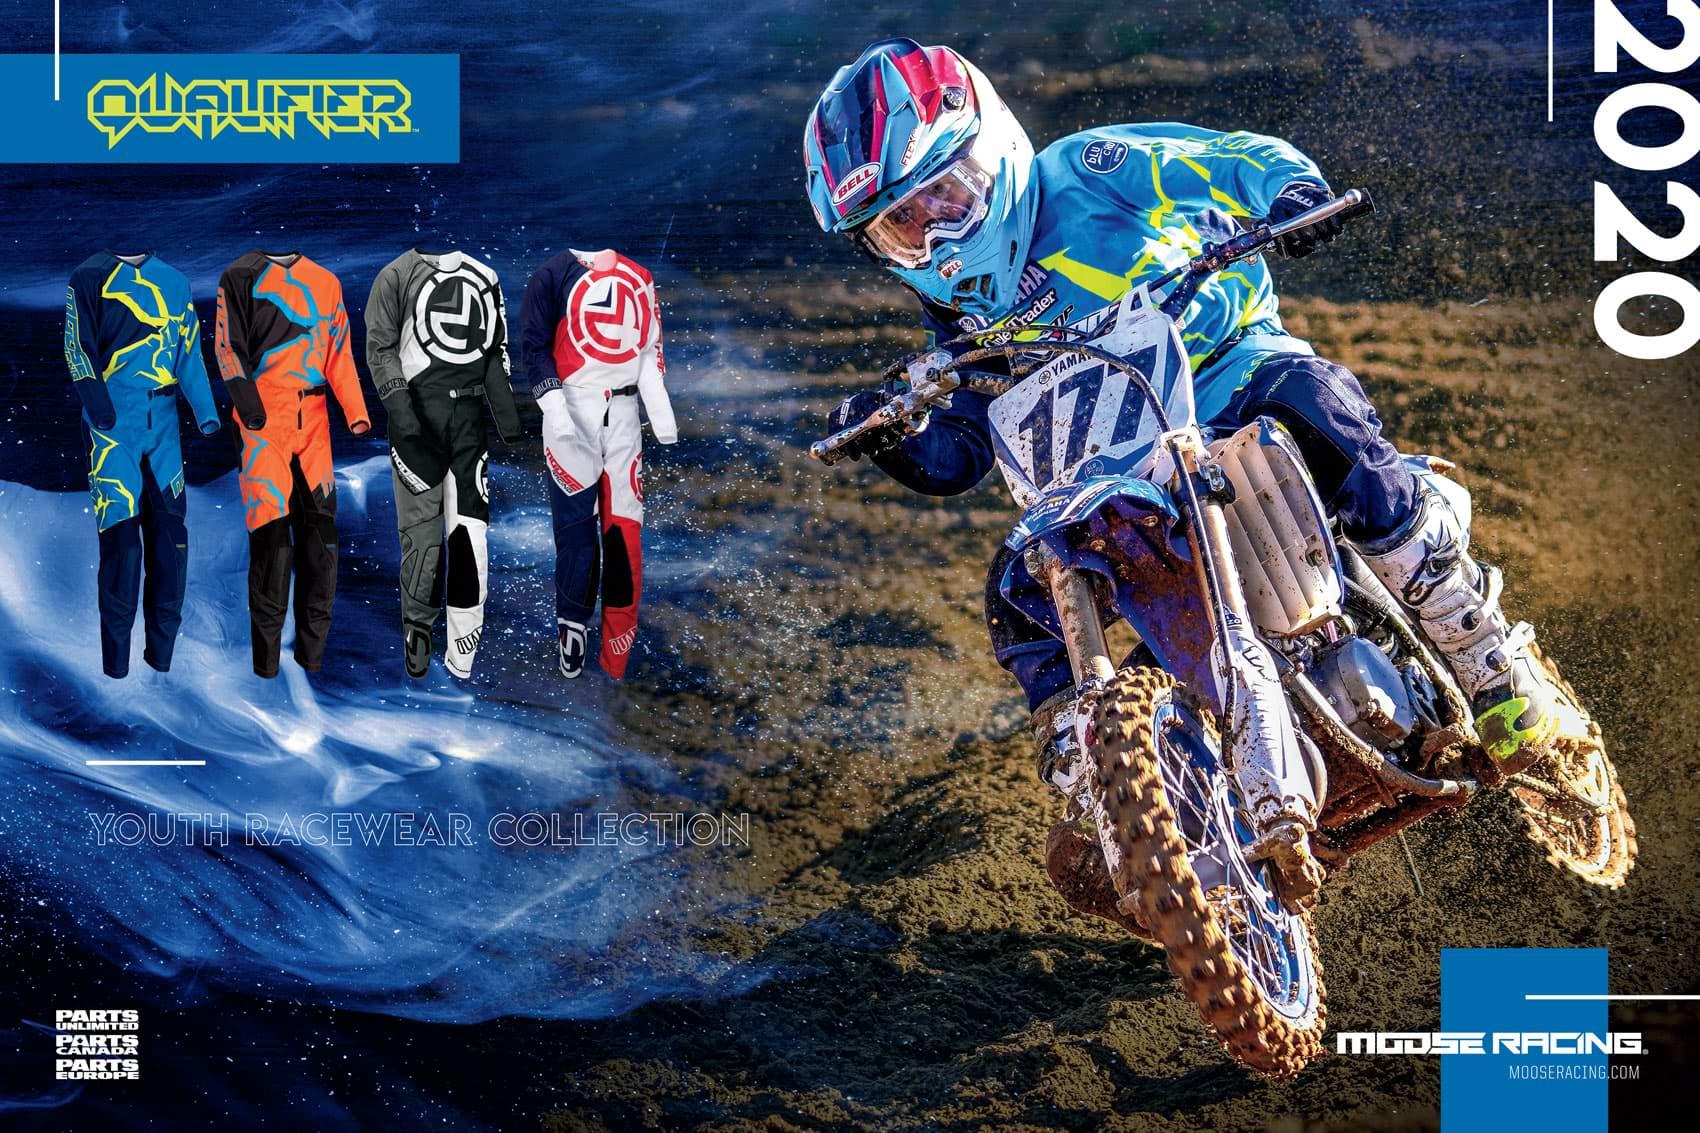 Racer X December 2019 - Moose Racing Advertisement